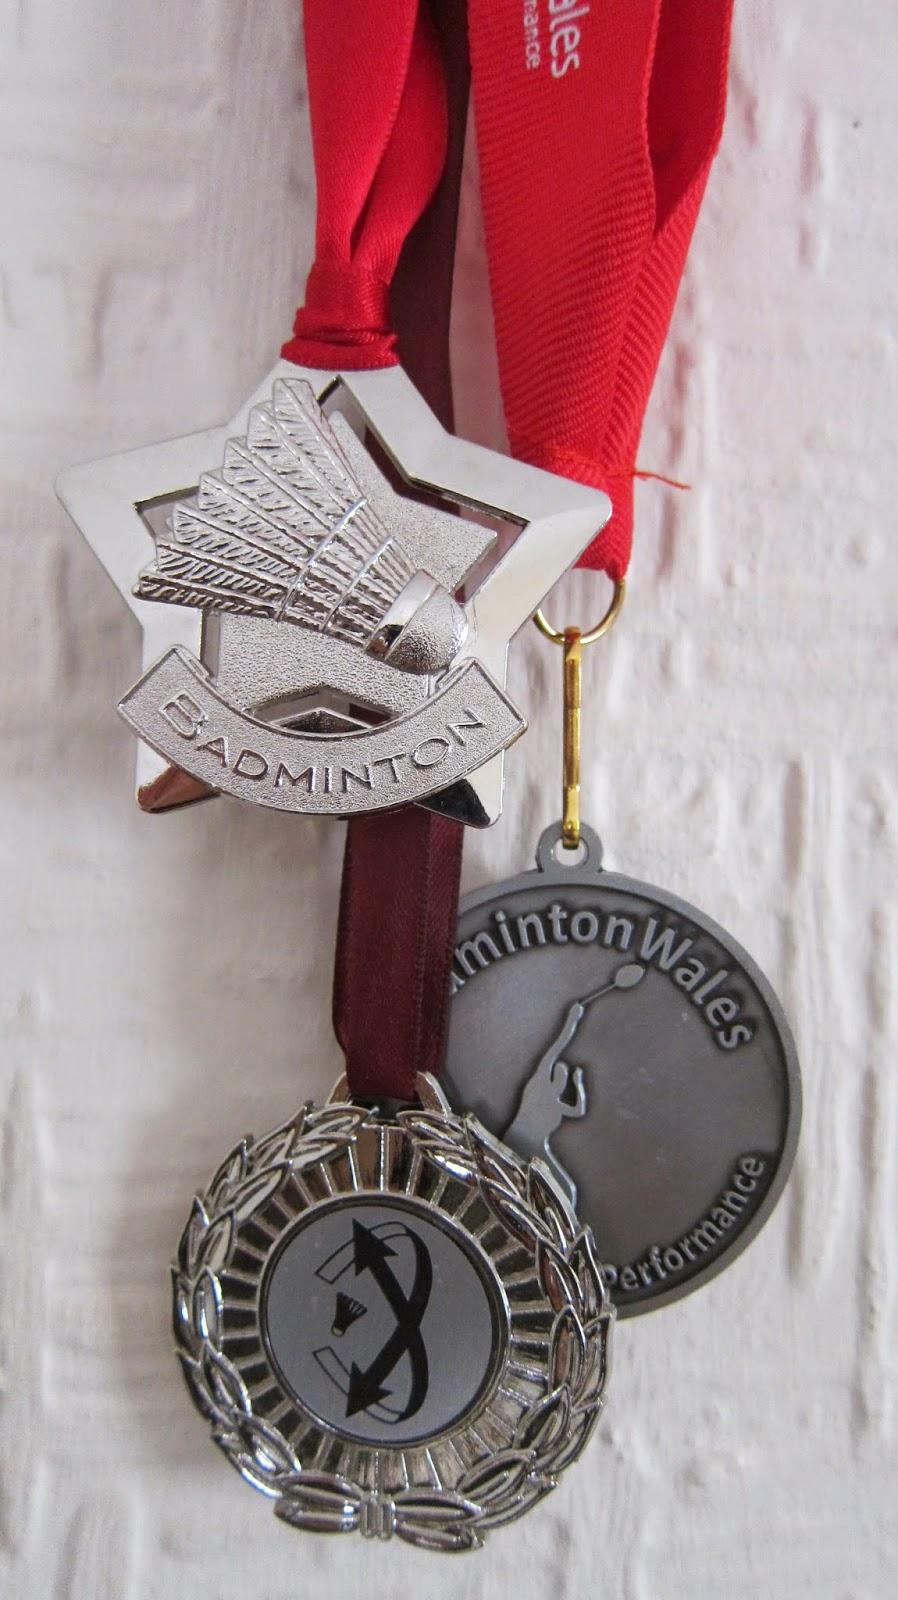 イギリスのジュニアテニス 勝利の要因2 バドミントンのシルバーメダル達